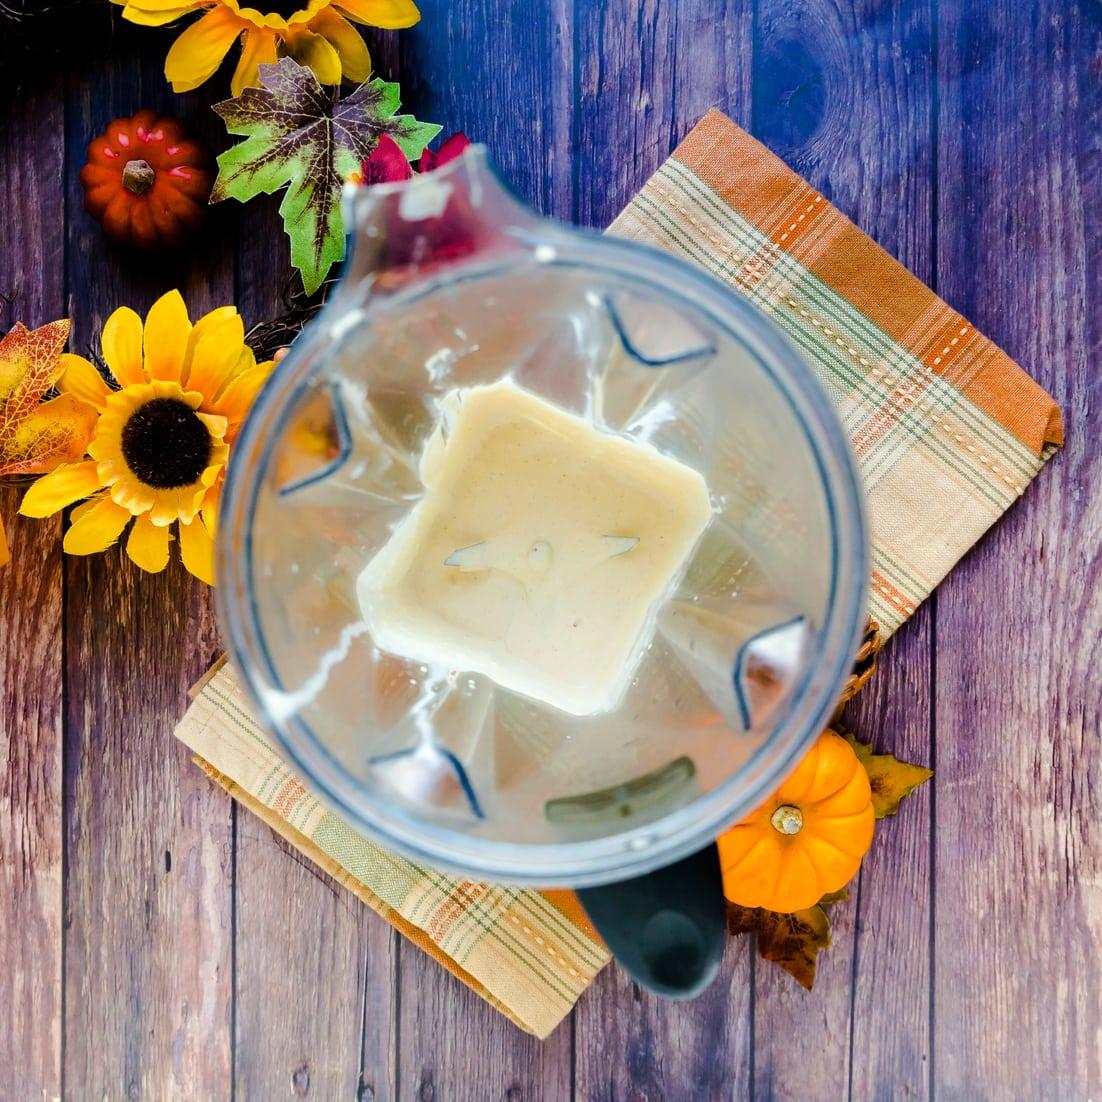 Pumpkin Cream inside a blender